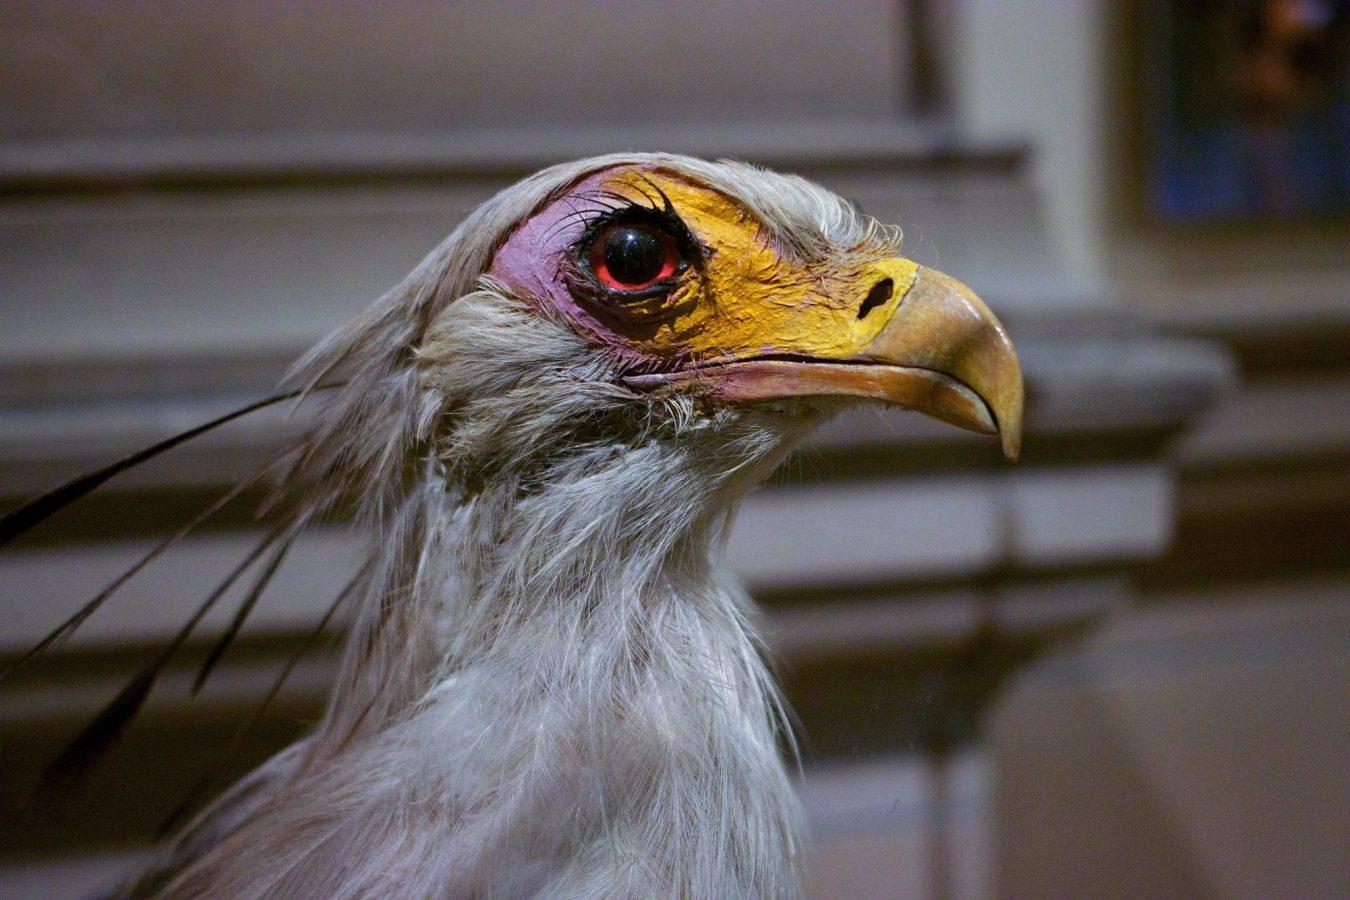 Stuffed eagle